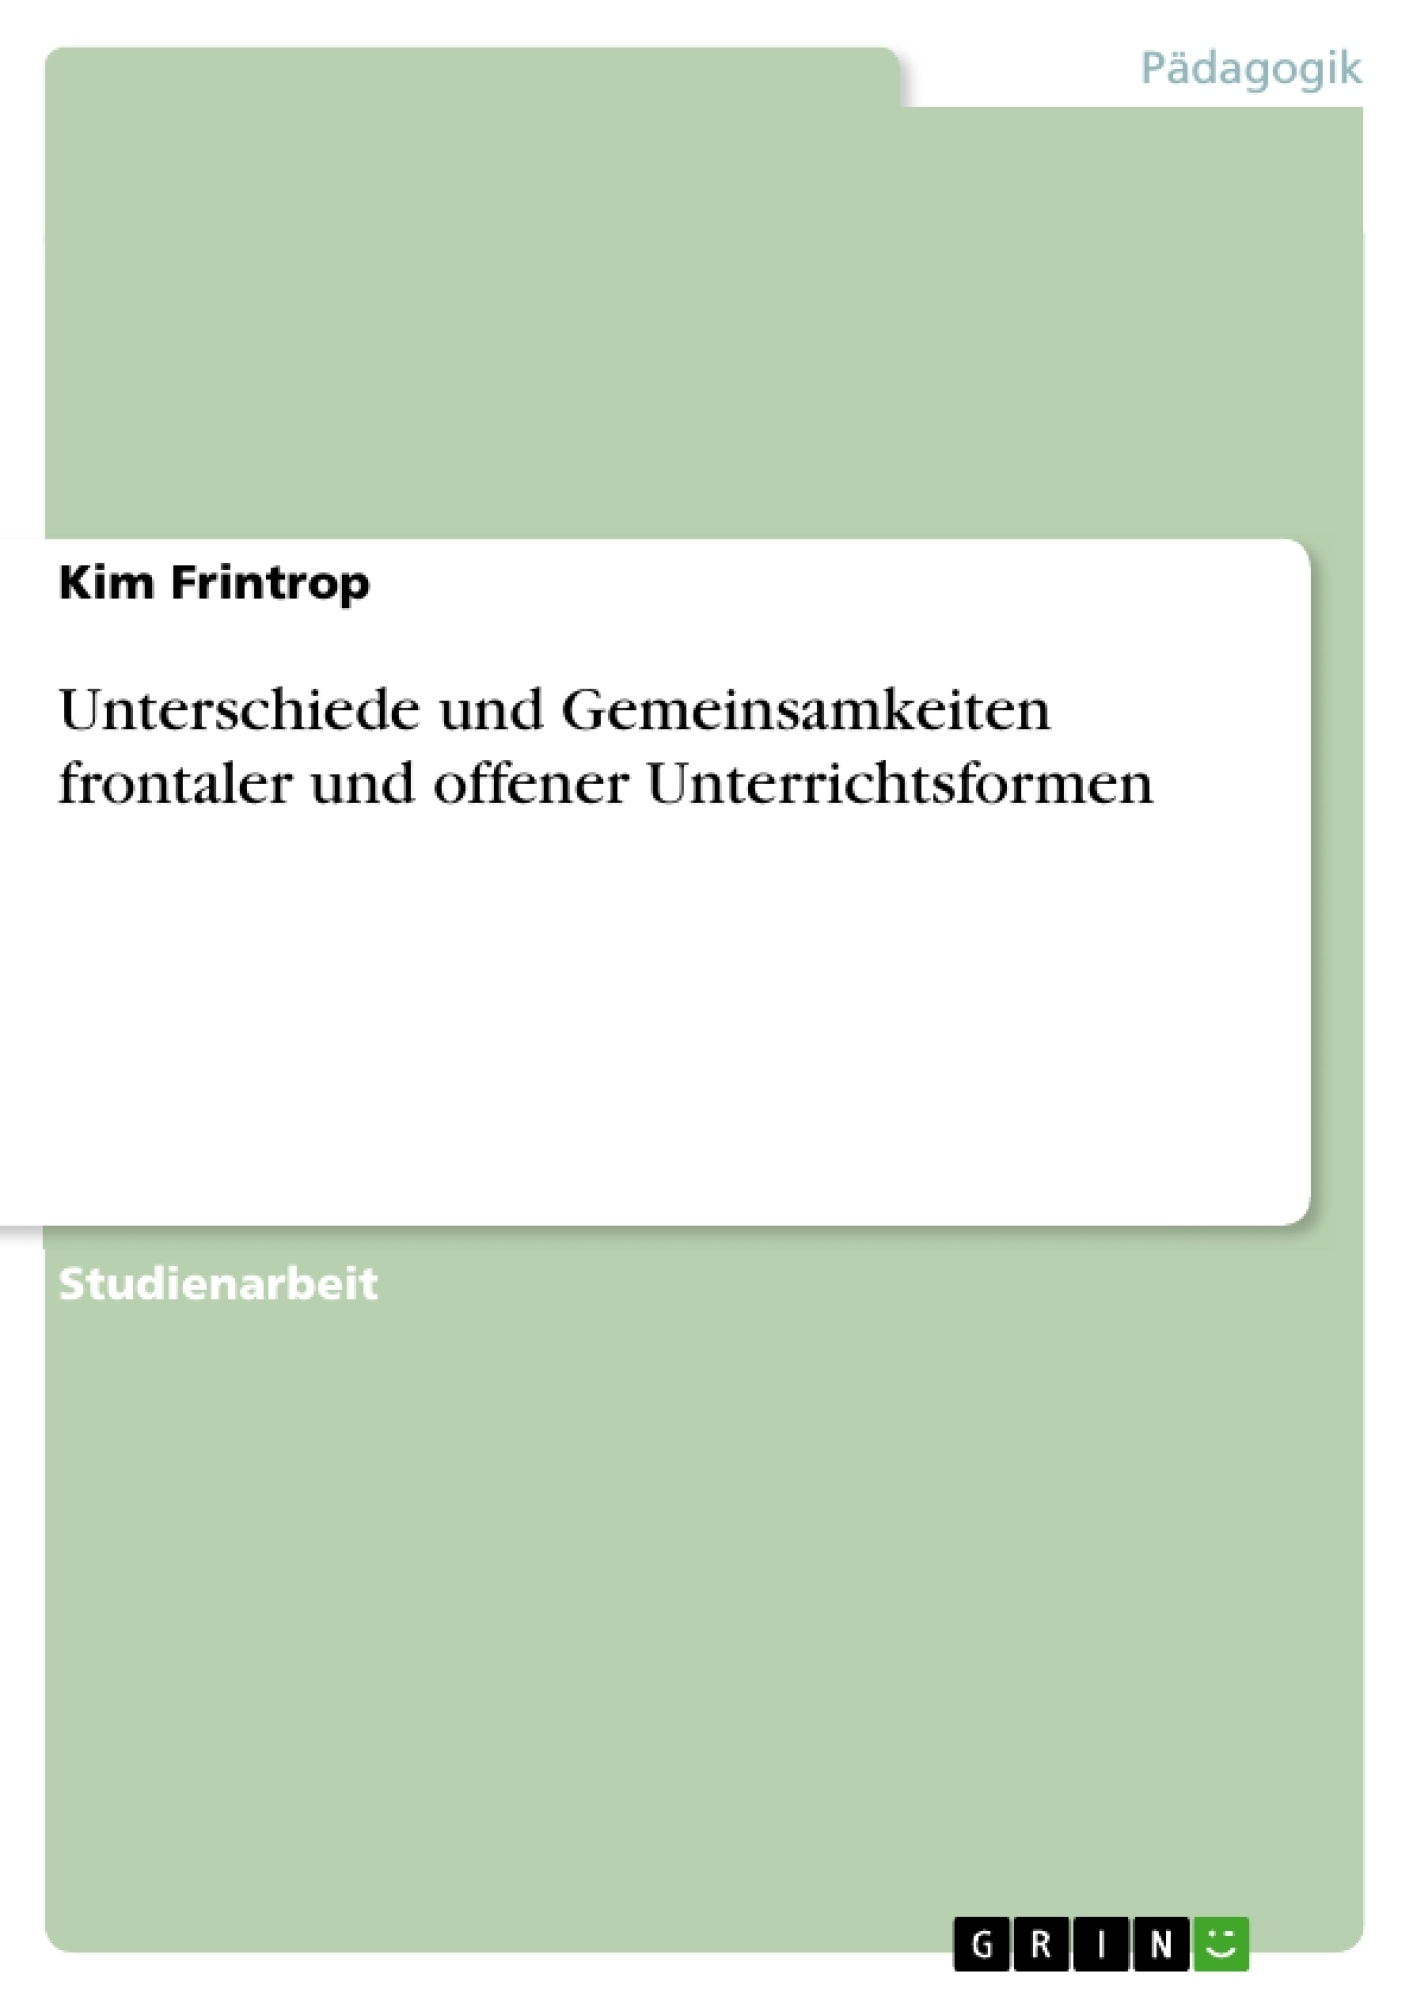 Titel: Unterschiede und Gemeinsamkeiten frontaler und offener Unterrichtsformen